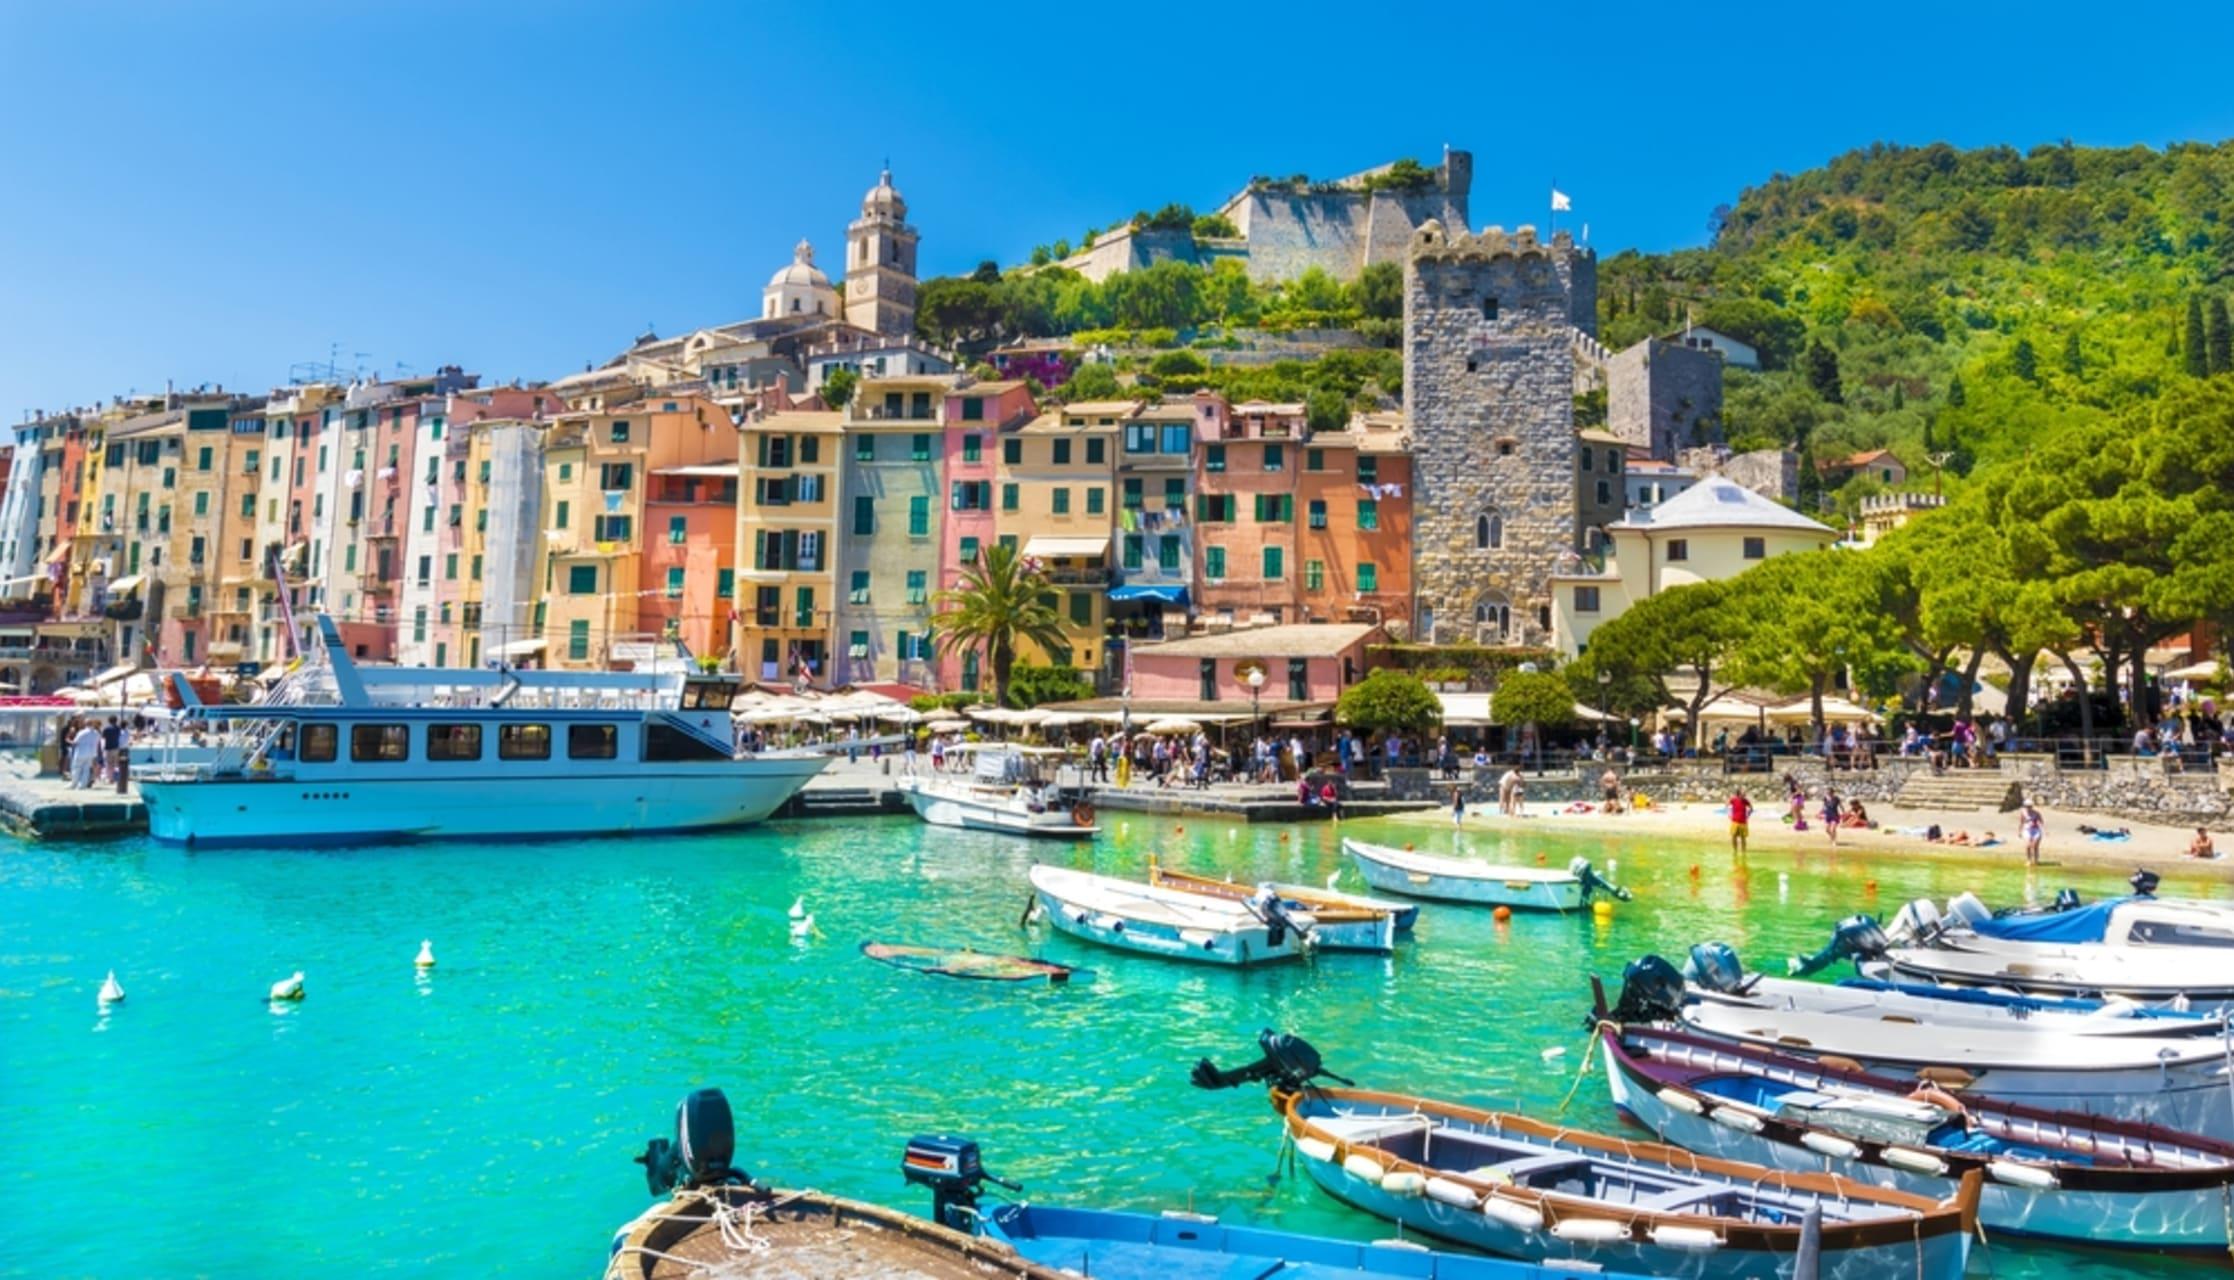 Cinque Terre & Portovenere - Portovenere: The Pearl of The Gulf of Poets